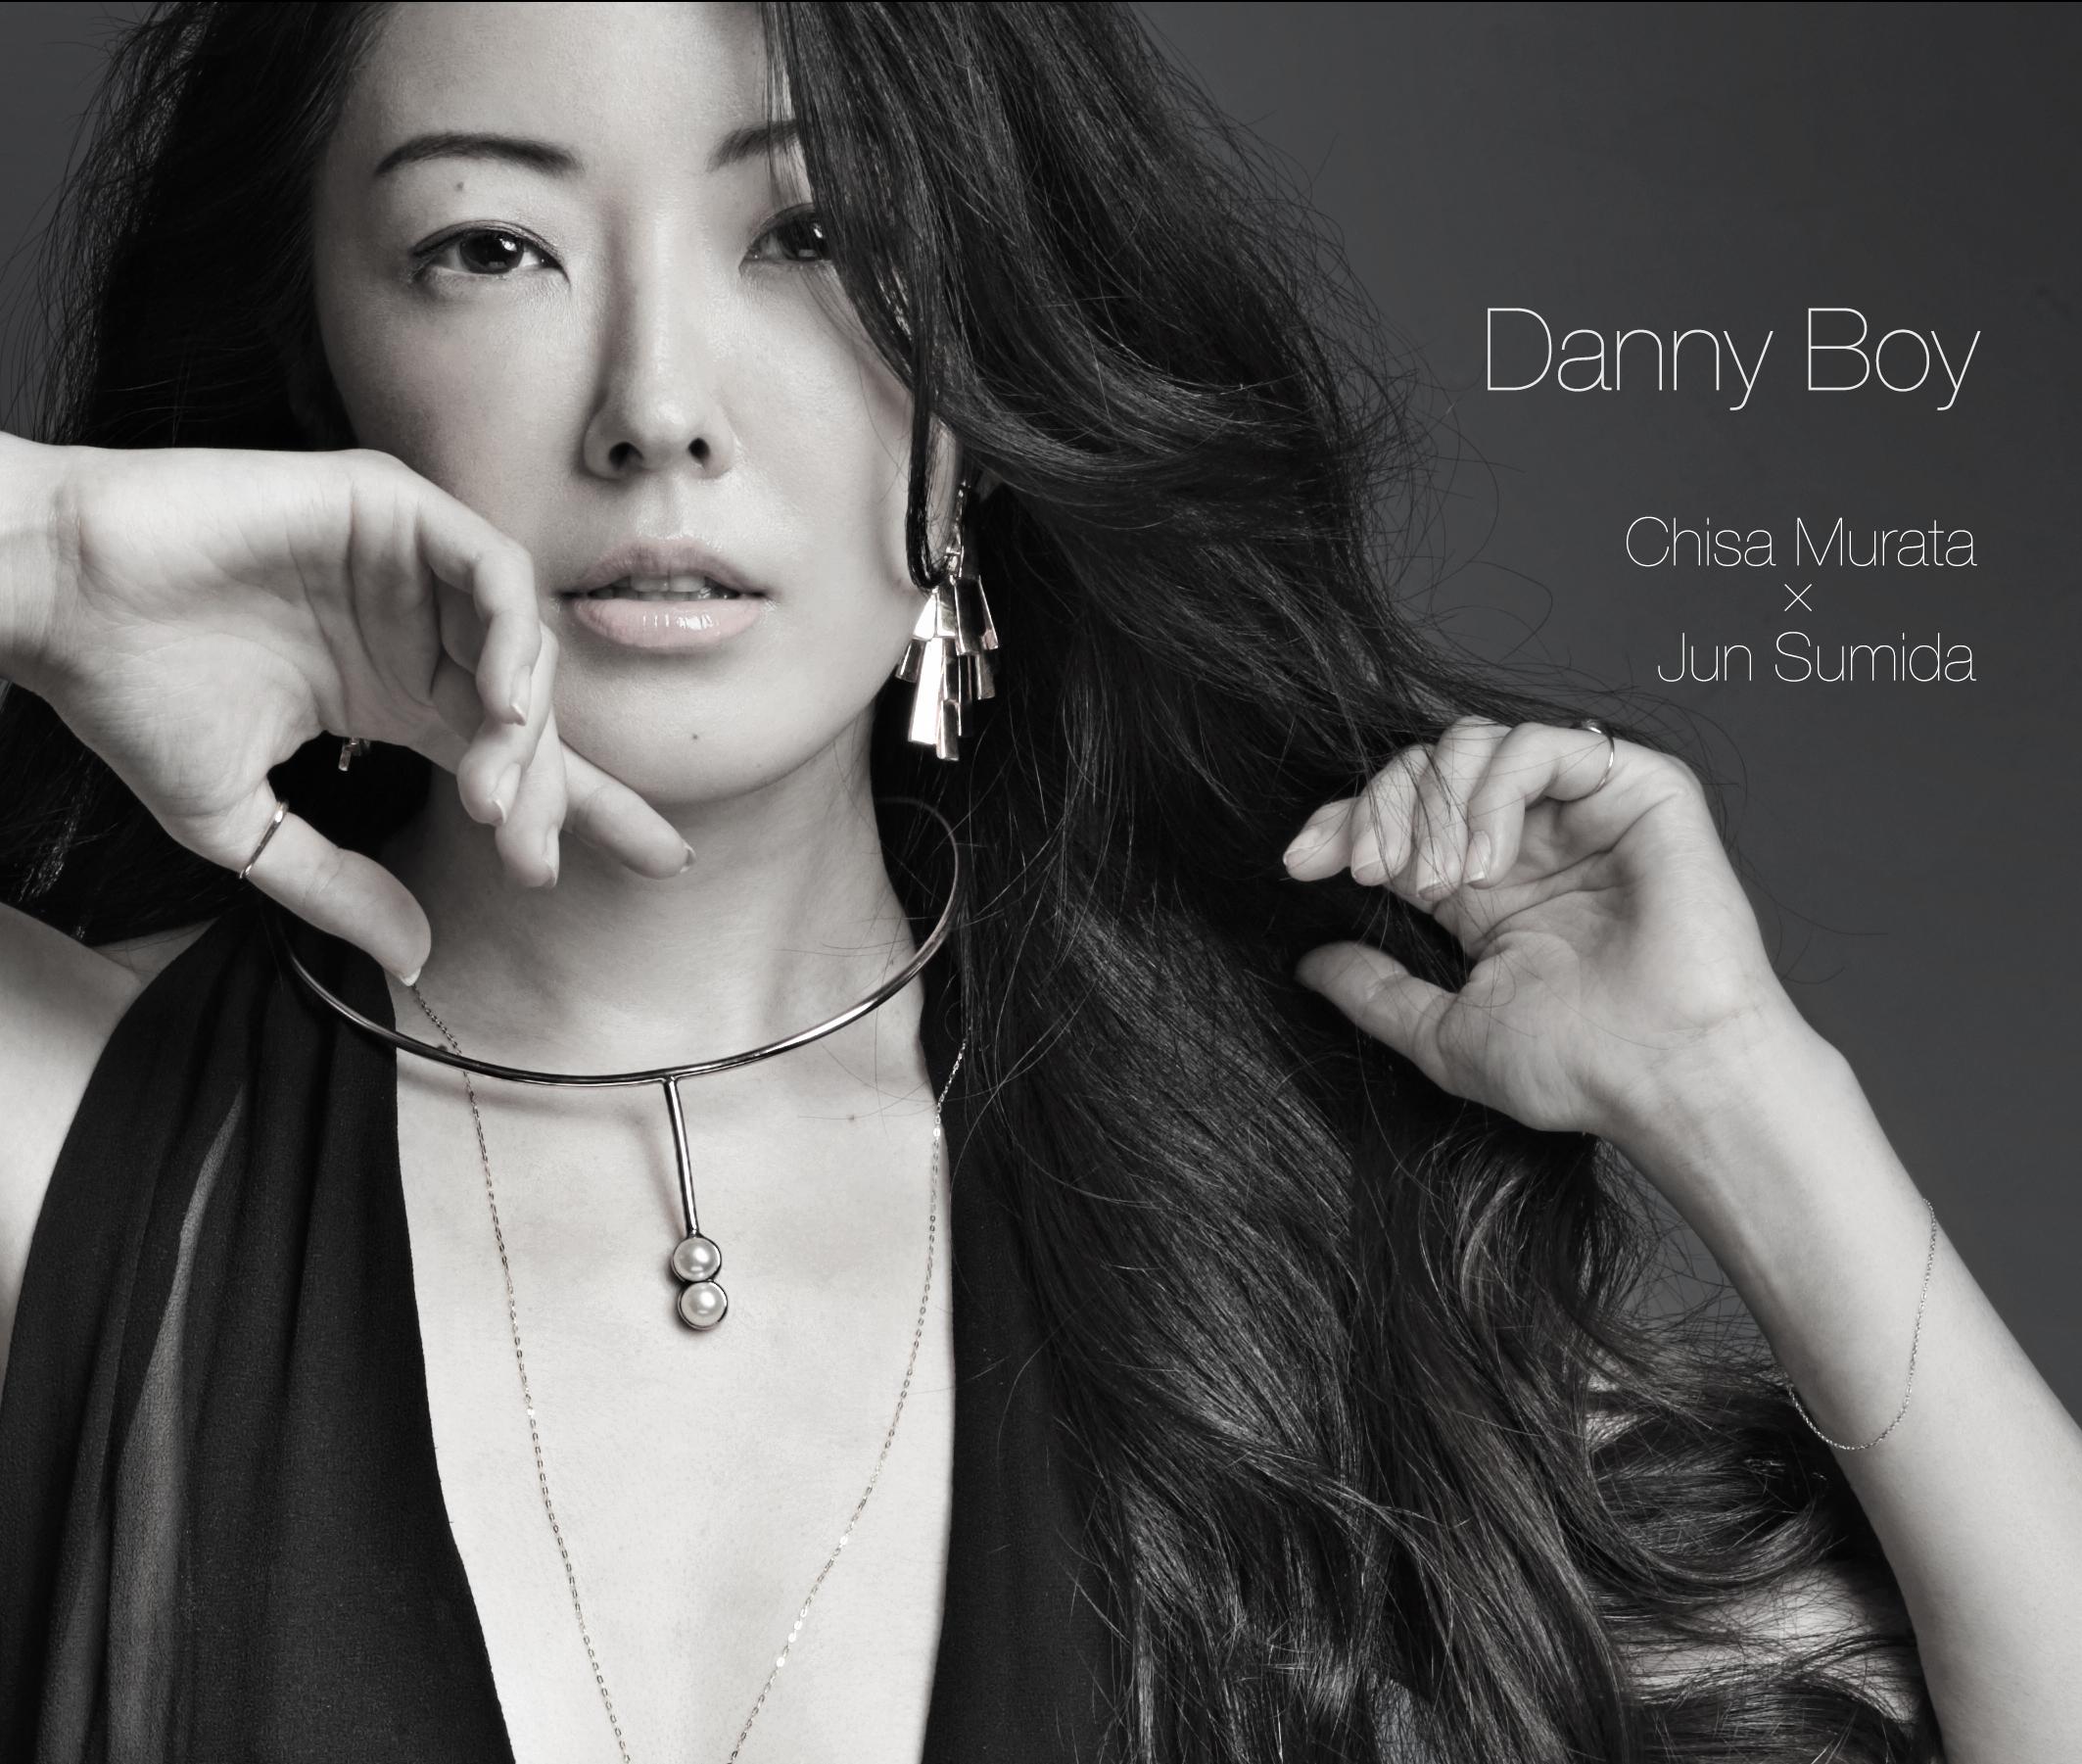 2016年元日・Danny Boy/村田千沙✕角田順をiTunesで発売開始♪